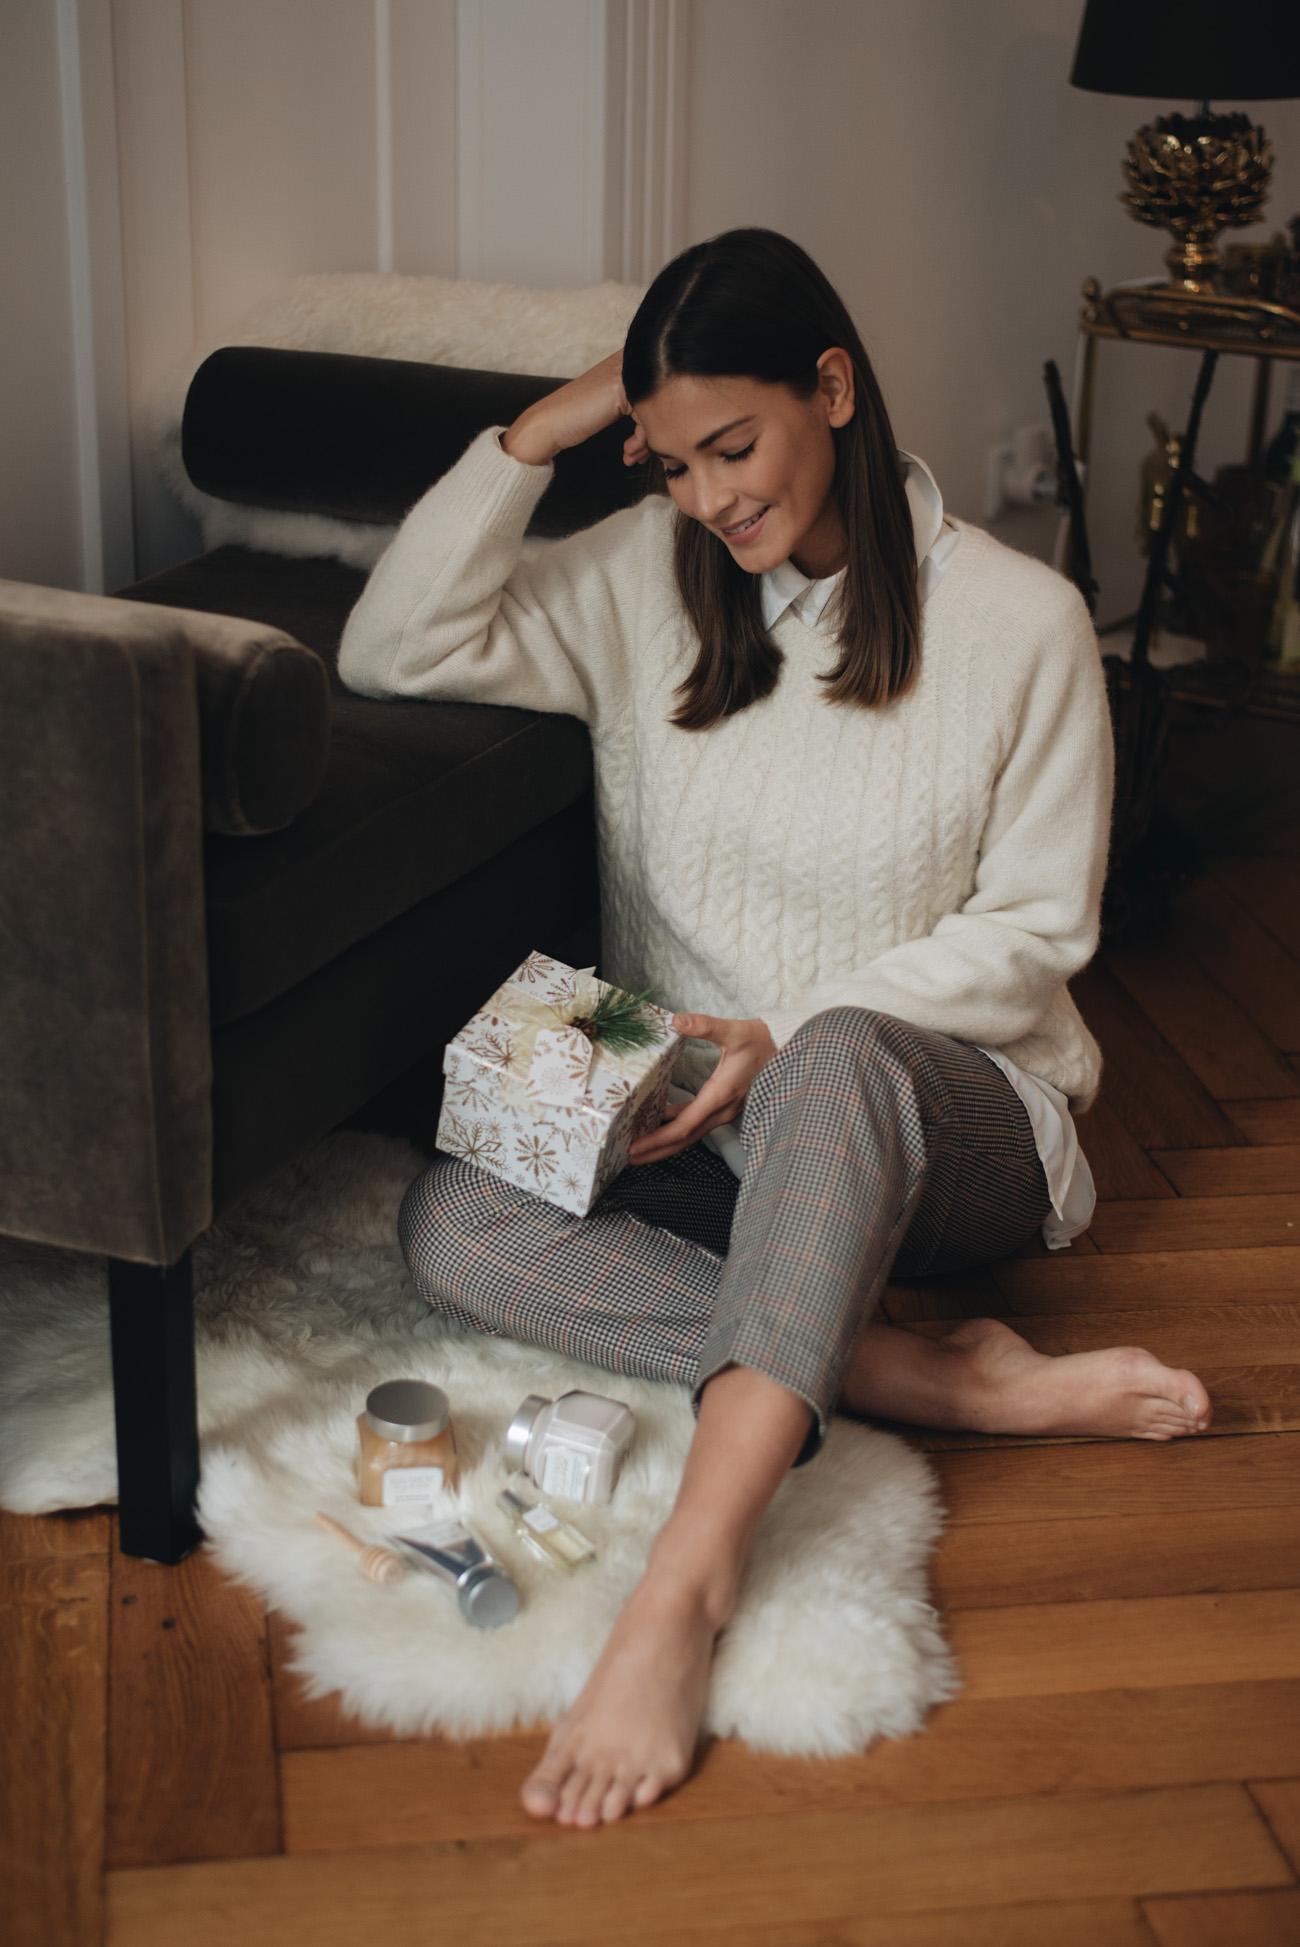 Weihnachtsgeschenke-mit-denen-man-nichts-falsch-macht-familie-Geschenideen-Weihnachten-fashiioncarpet-nina-schwichtenberg